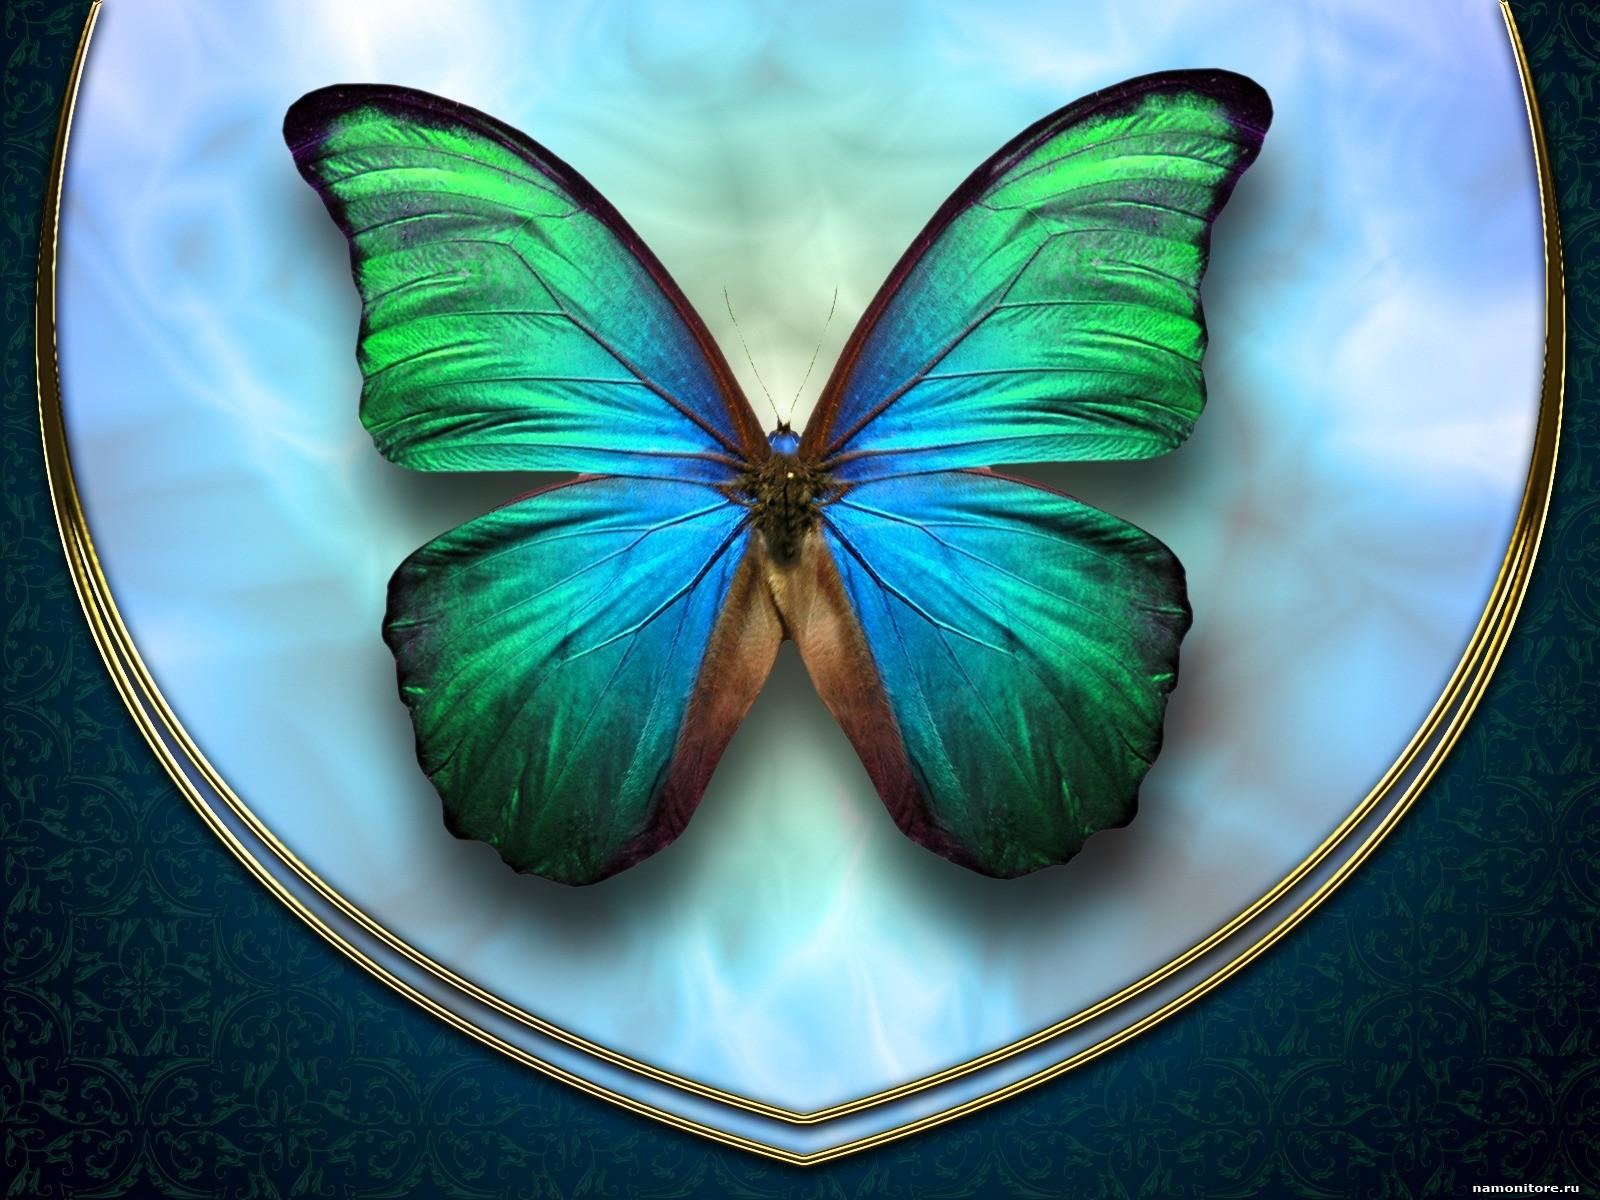 сине-зеленая бабочка, скачать фото, обои на рабочий стол